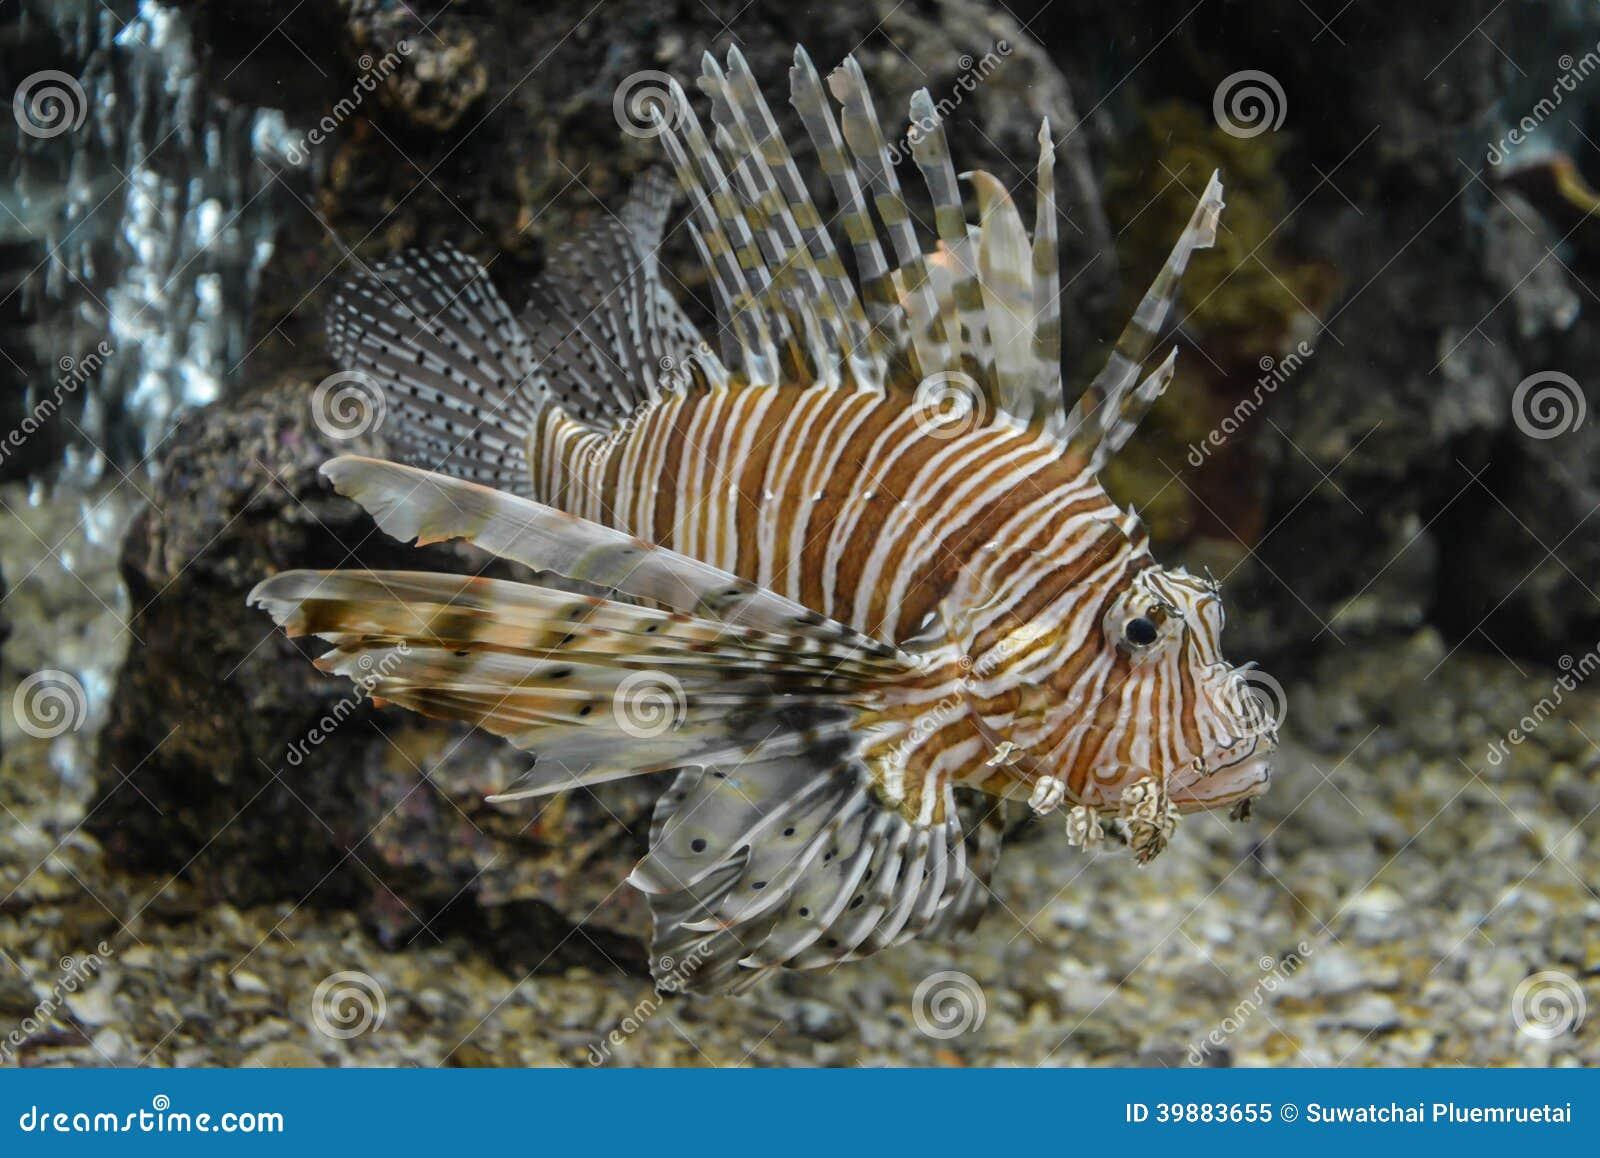 bunte fische die im aquarium schwimmen stockfoto bild 39883655. Black Bedroom Furniture Sets. Home Design Ideas